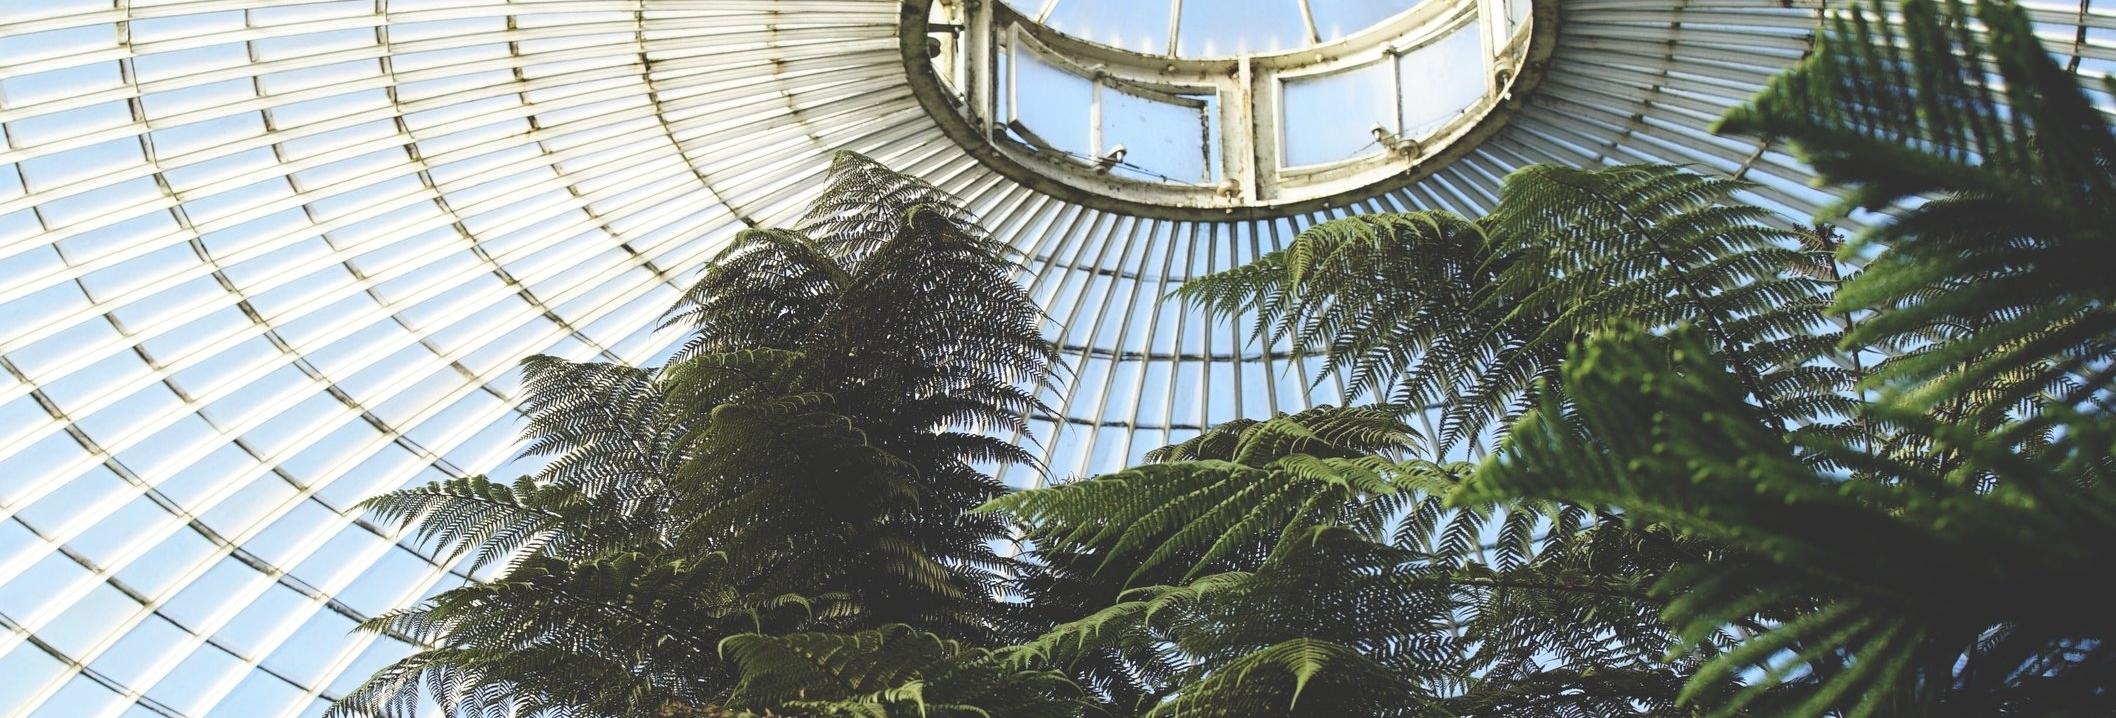 Glasgow Botanics - Magazine Photography